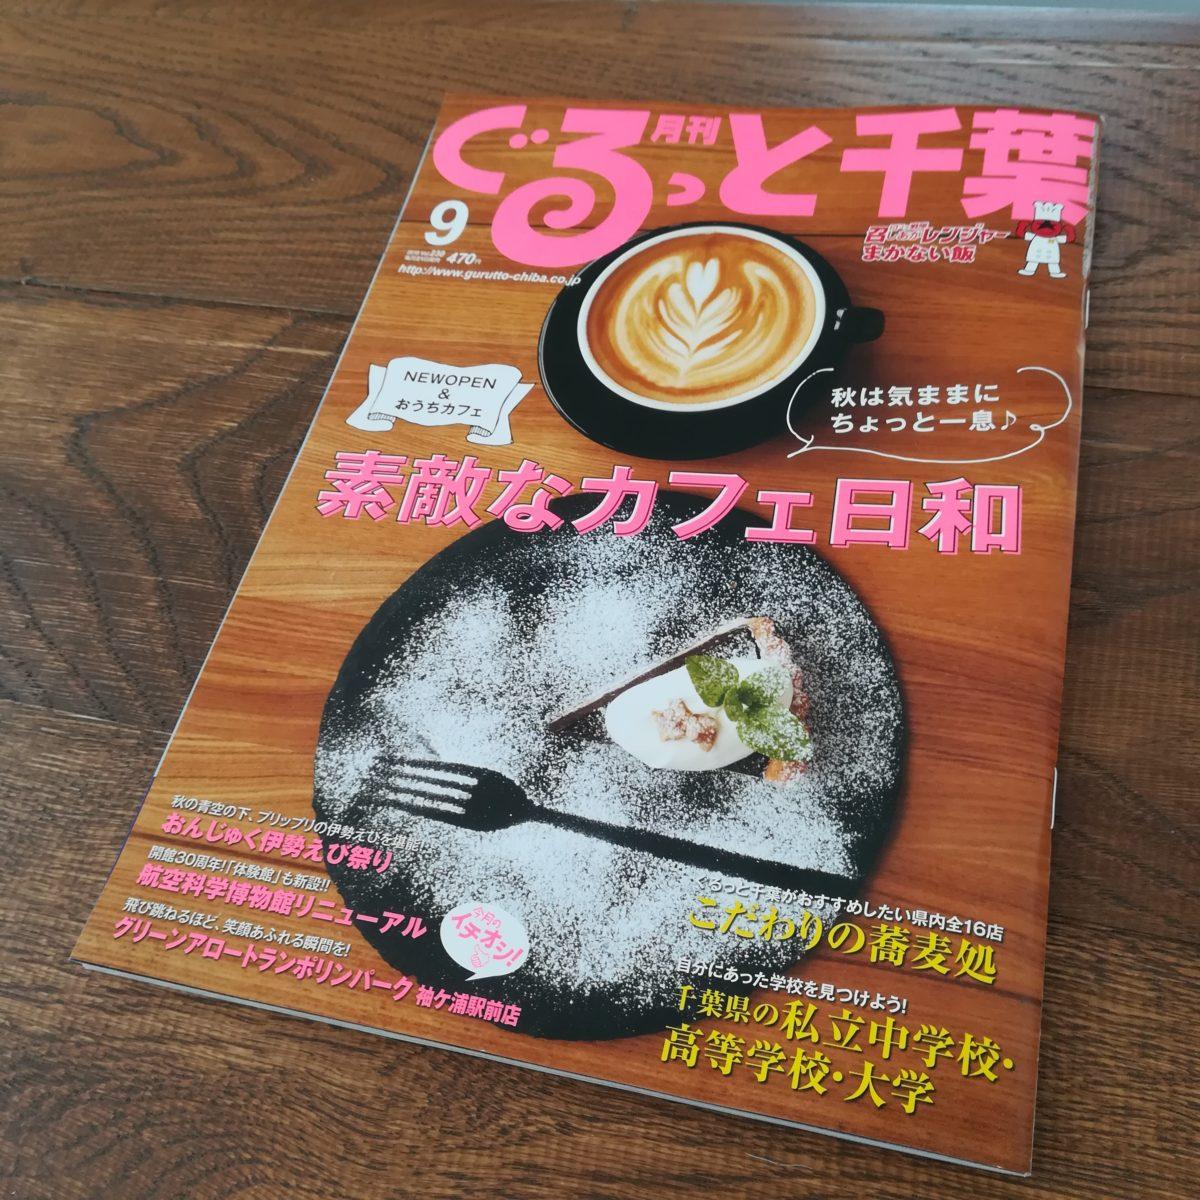 ※ブログ更新※【ベーグル】千葉県の地域情報誌「月刊ぐるっと千葉」さんから取材を受けました。本日8月21日発売です!